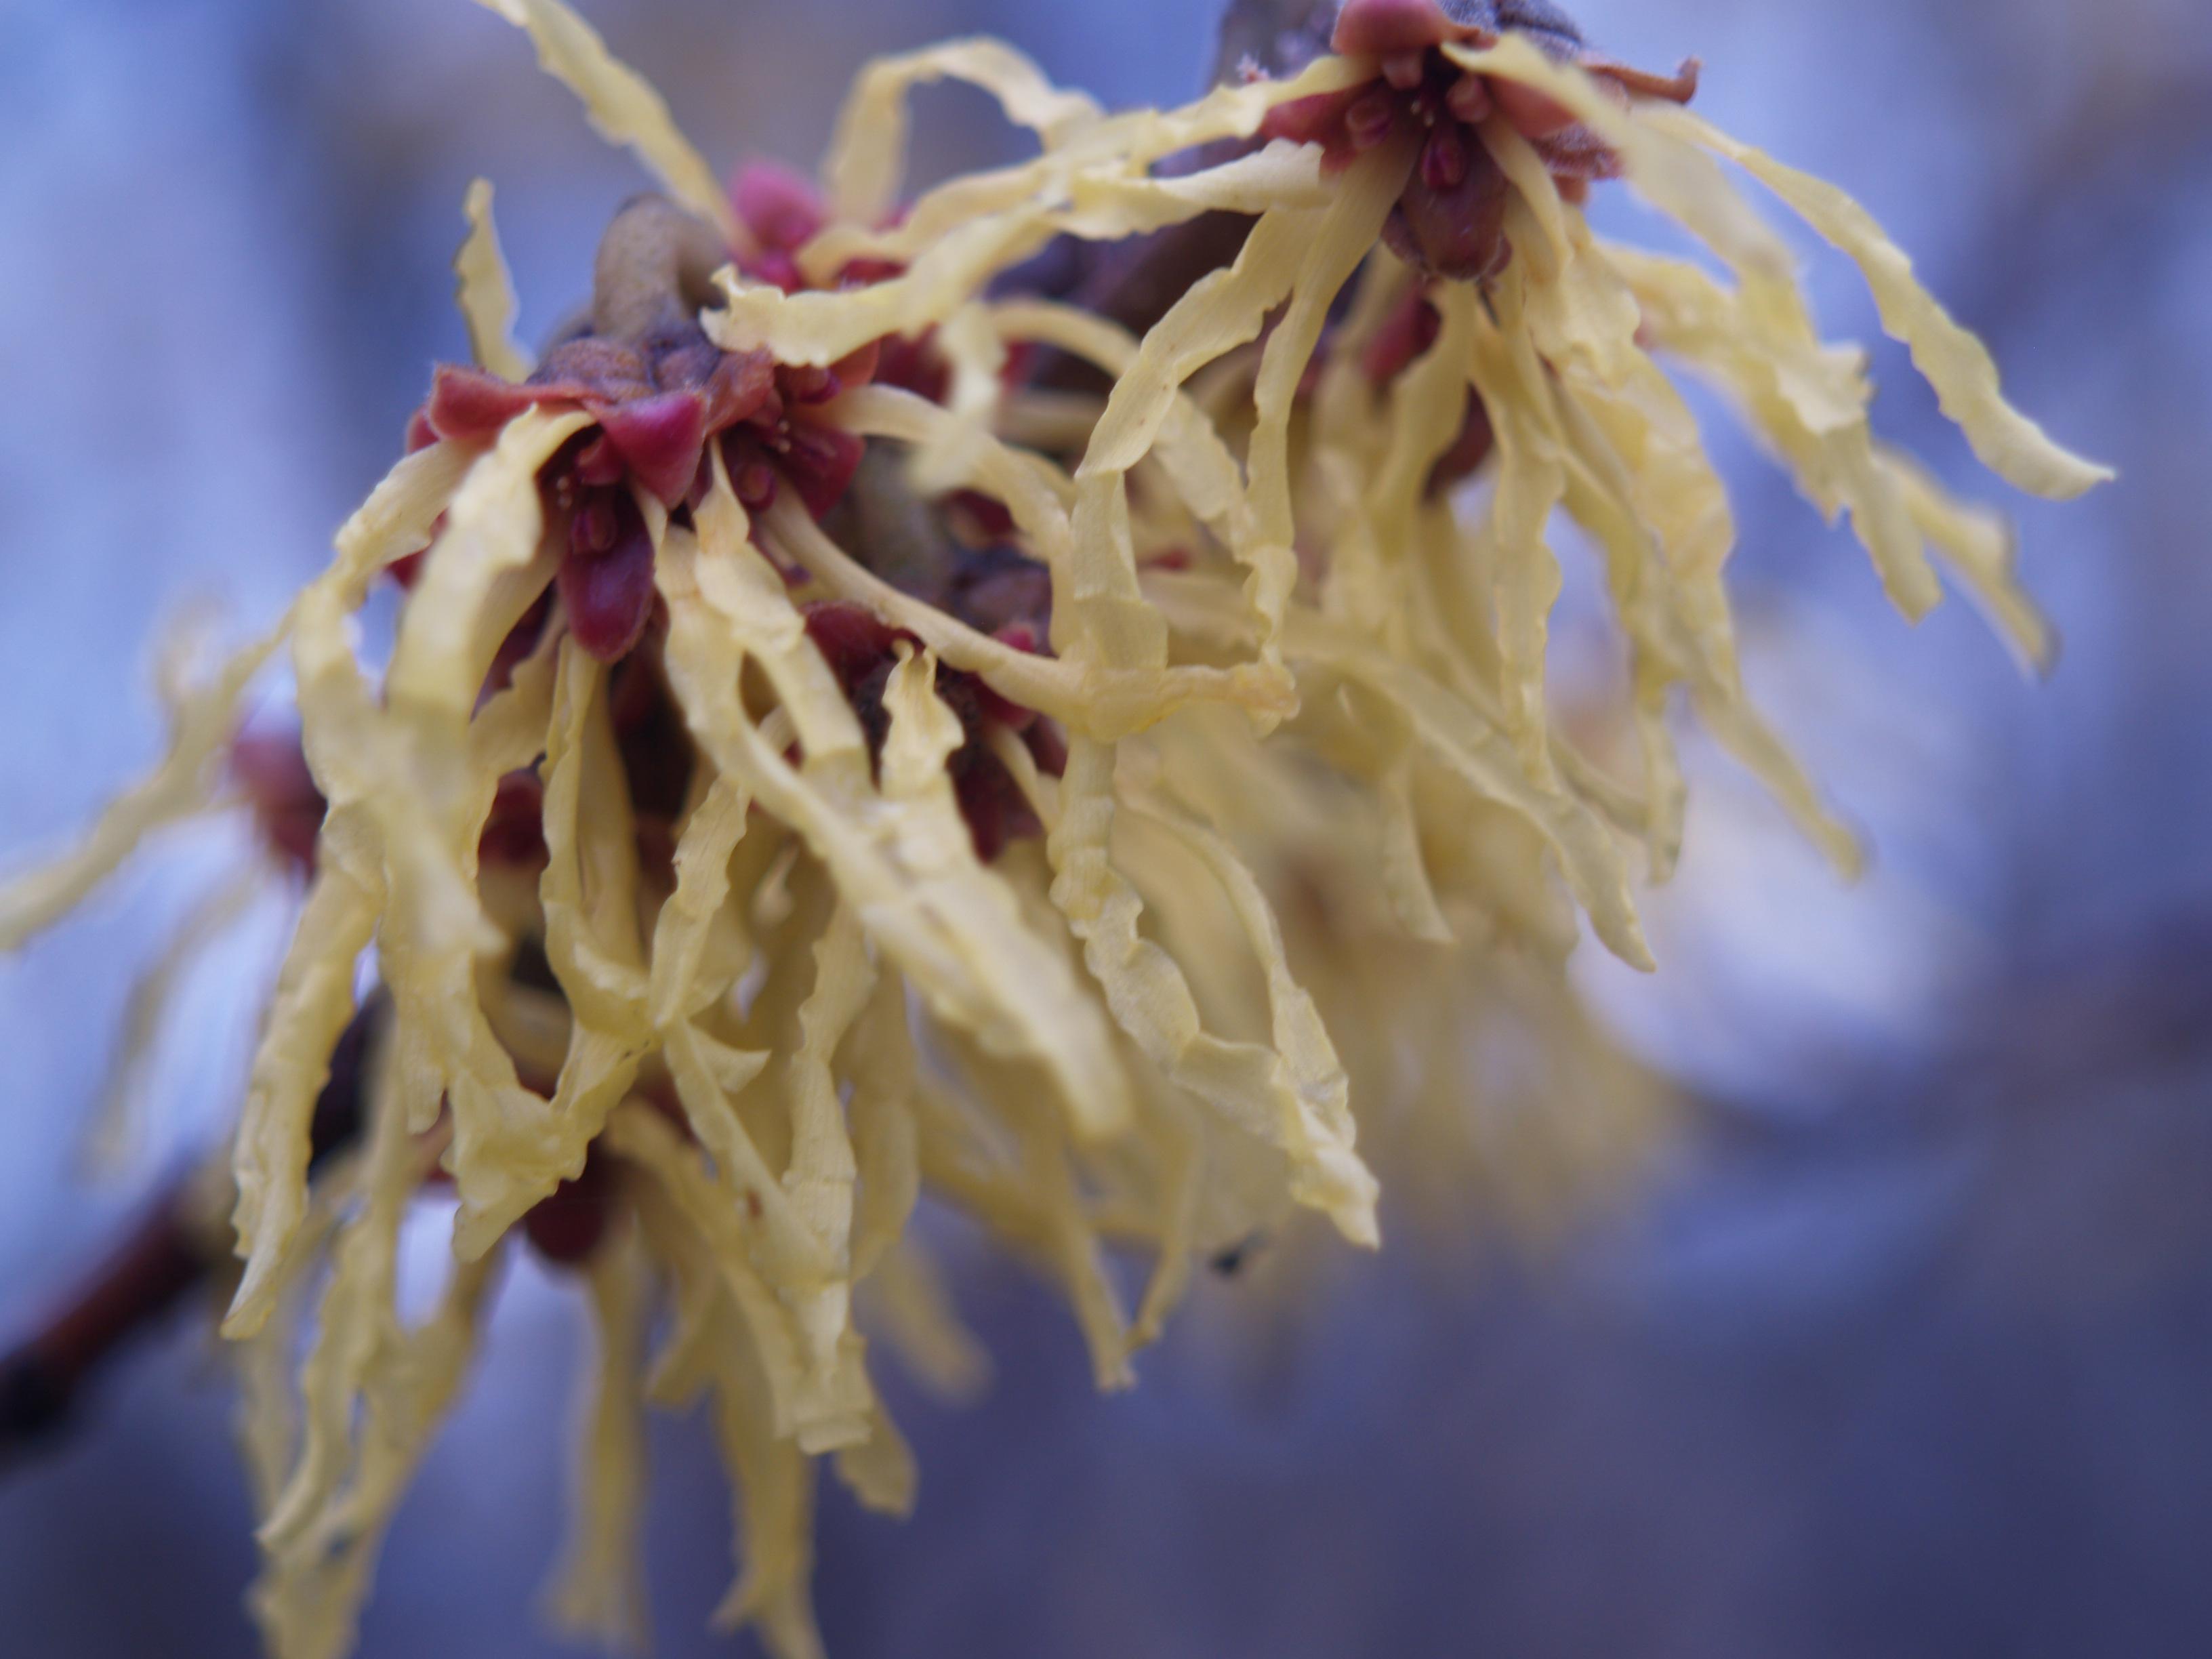 Diez favoritos floración de árboles, arbustos y plantas para las flores de primavera | Propietario de hoy